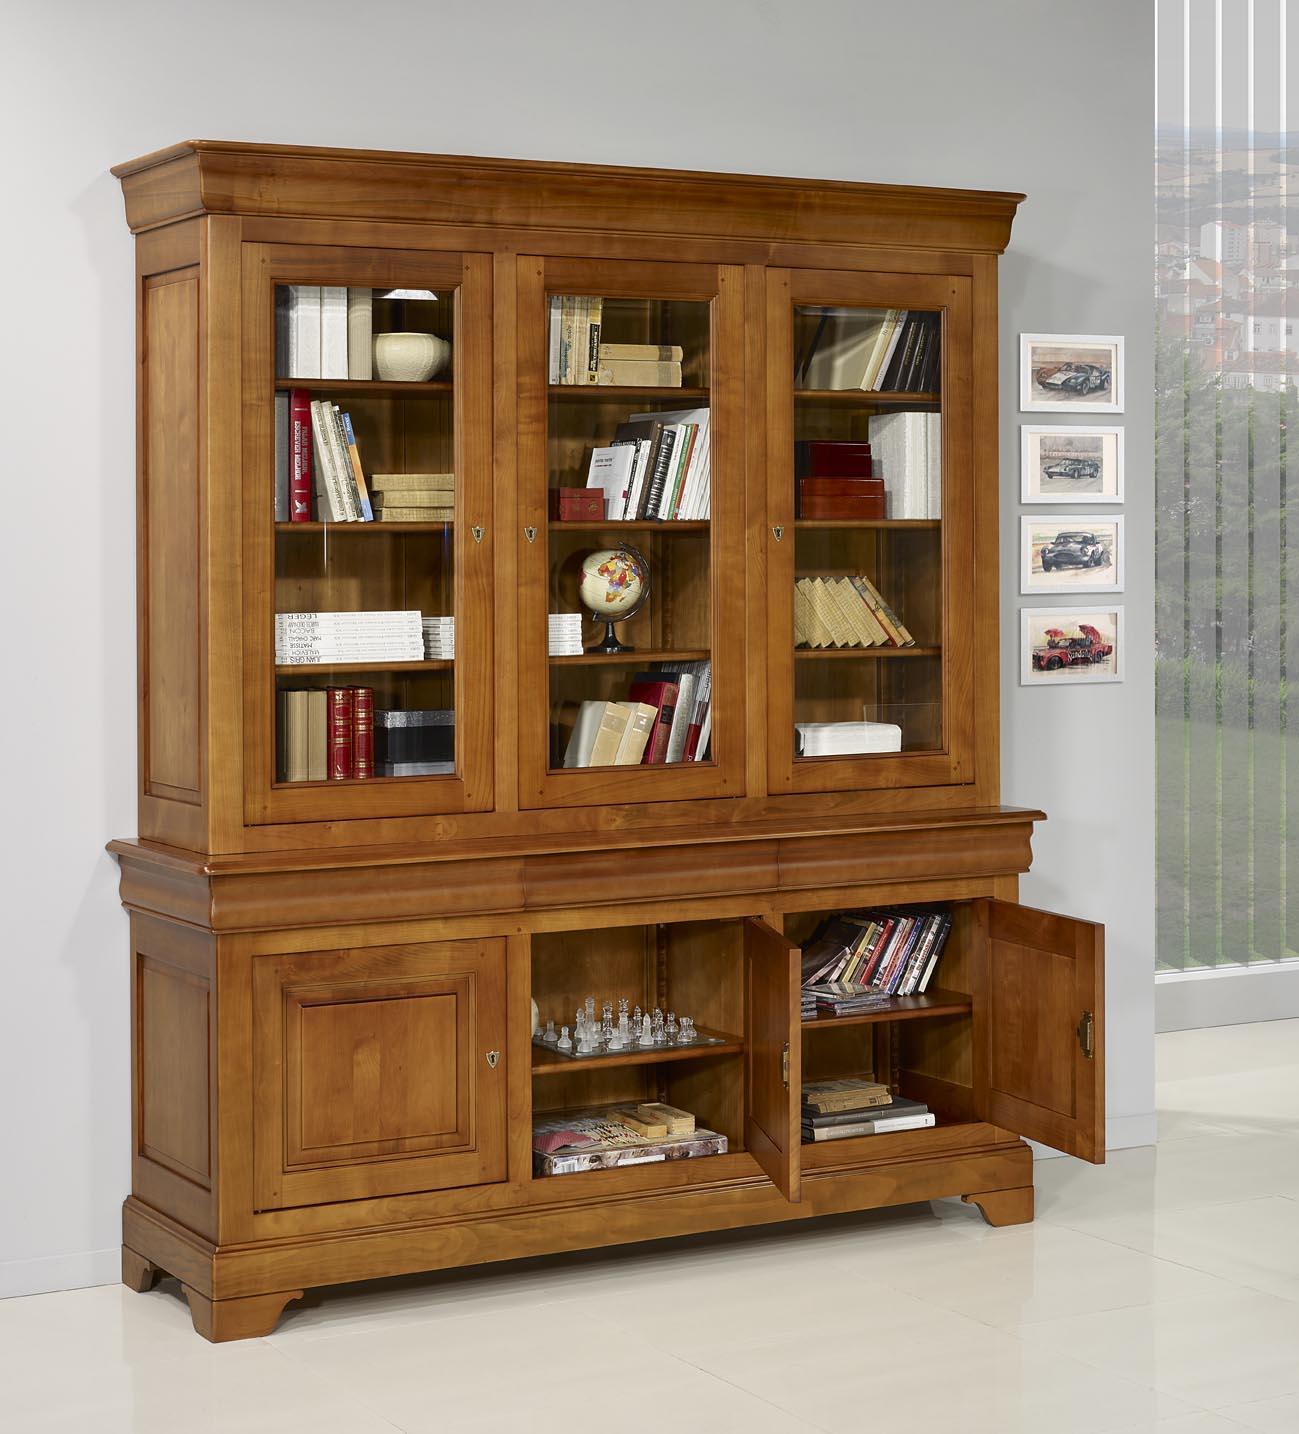 biblioth que 2 corps 3 portes en merisier massif de style louis philippe meuble en merisier. Black Bedroom Furniture Sets. Home Design Ideas